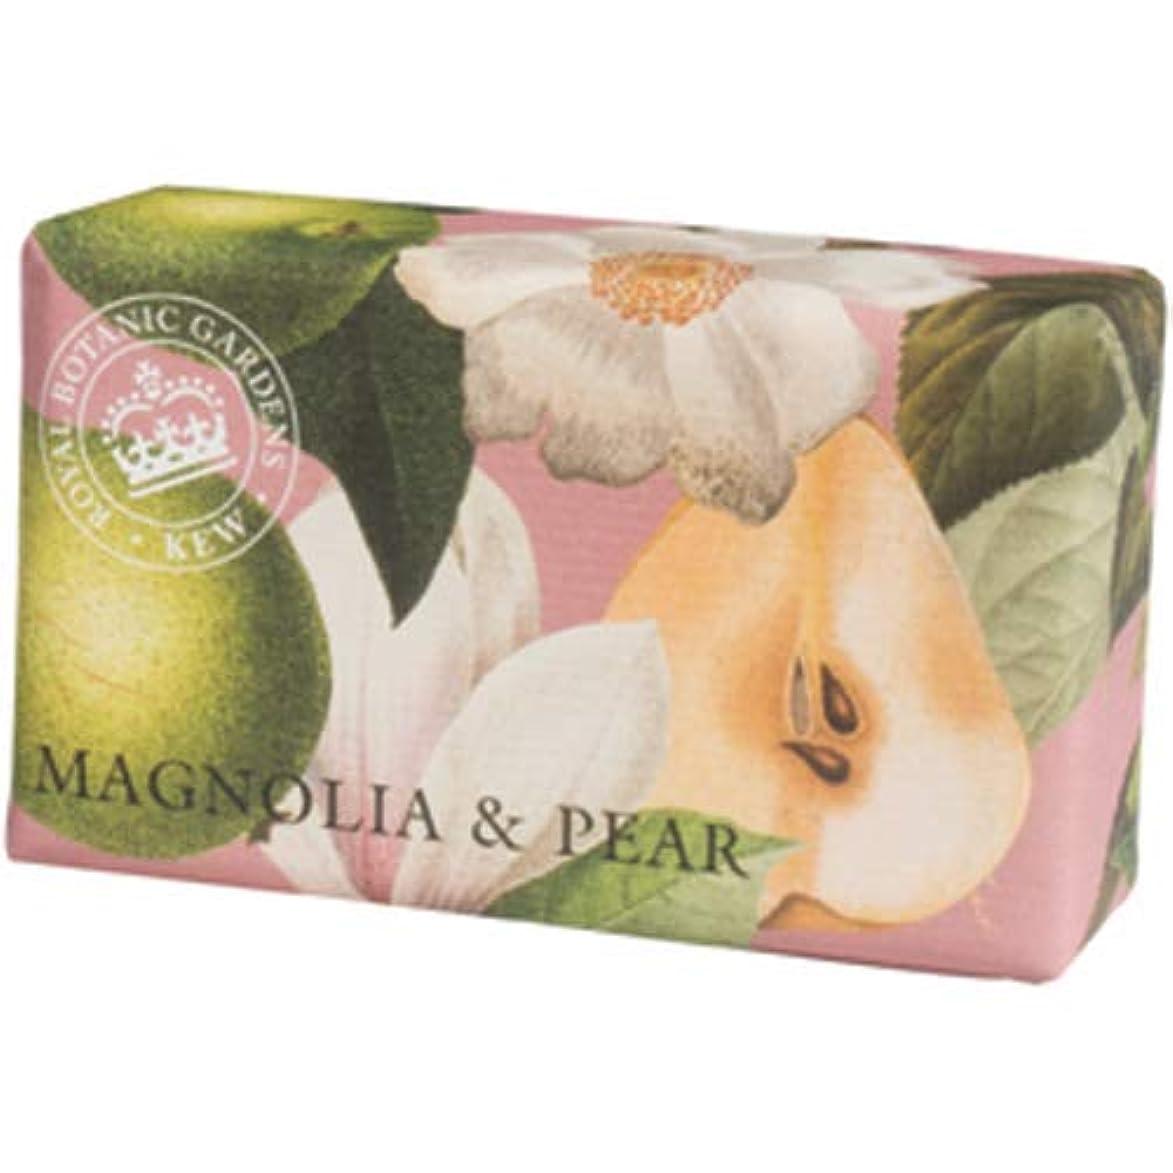 黙純粋な地区三和トレーディング English Soap Company イングリッシュソープカンパニー KEW GARDEN キュー?ガーデン Luxury Shea Soaps シアソープ Magnolia & Pear マグノリア&ペア